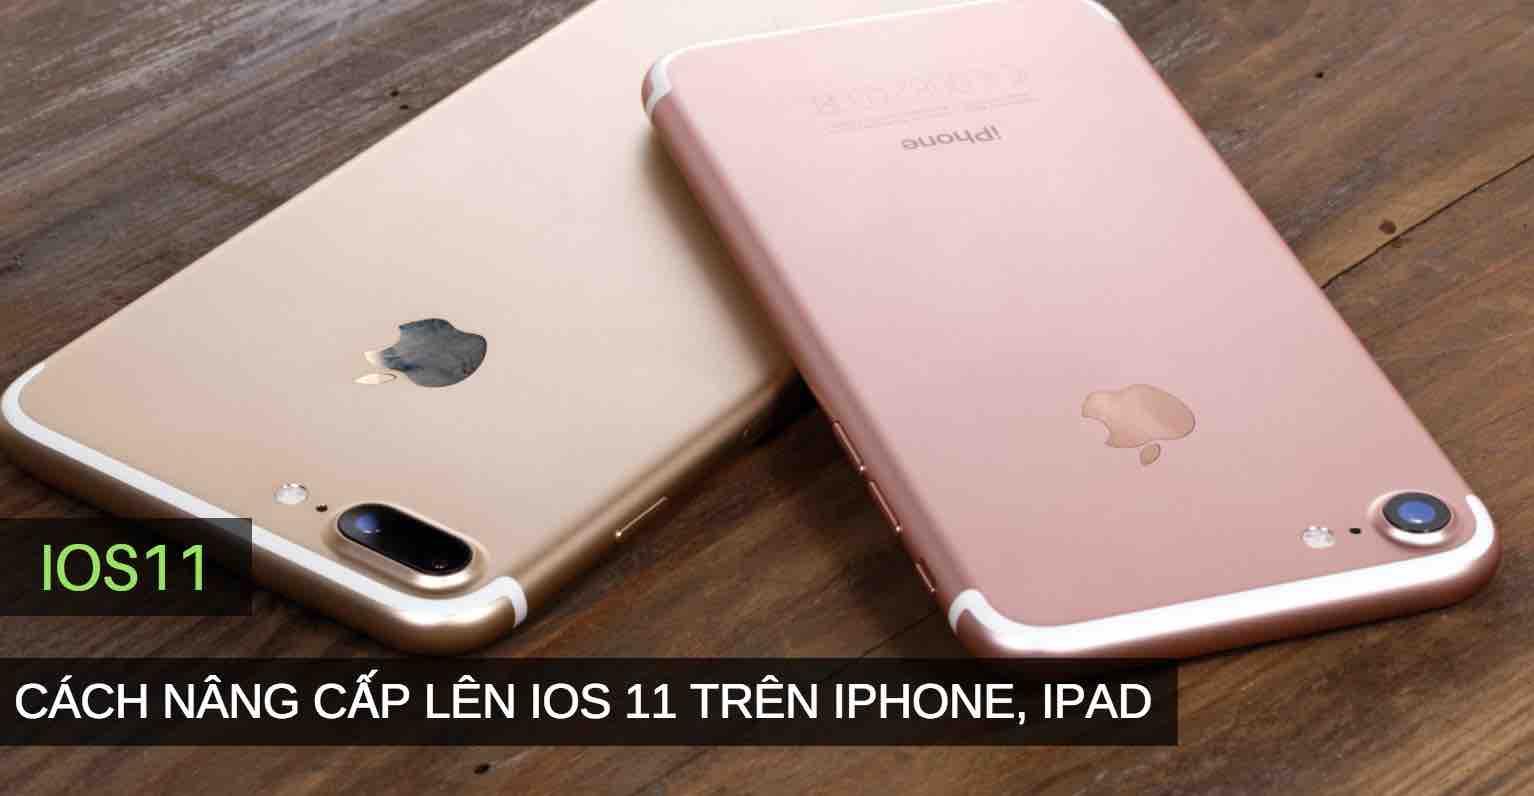 nâng cấp lên iOS 11